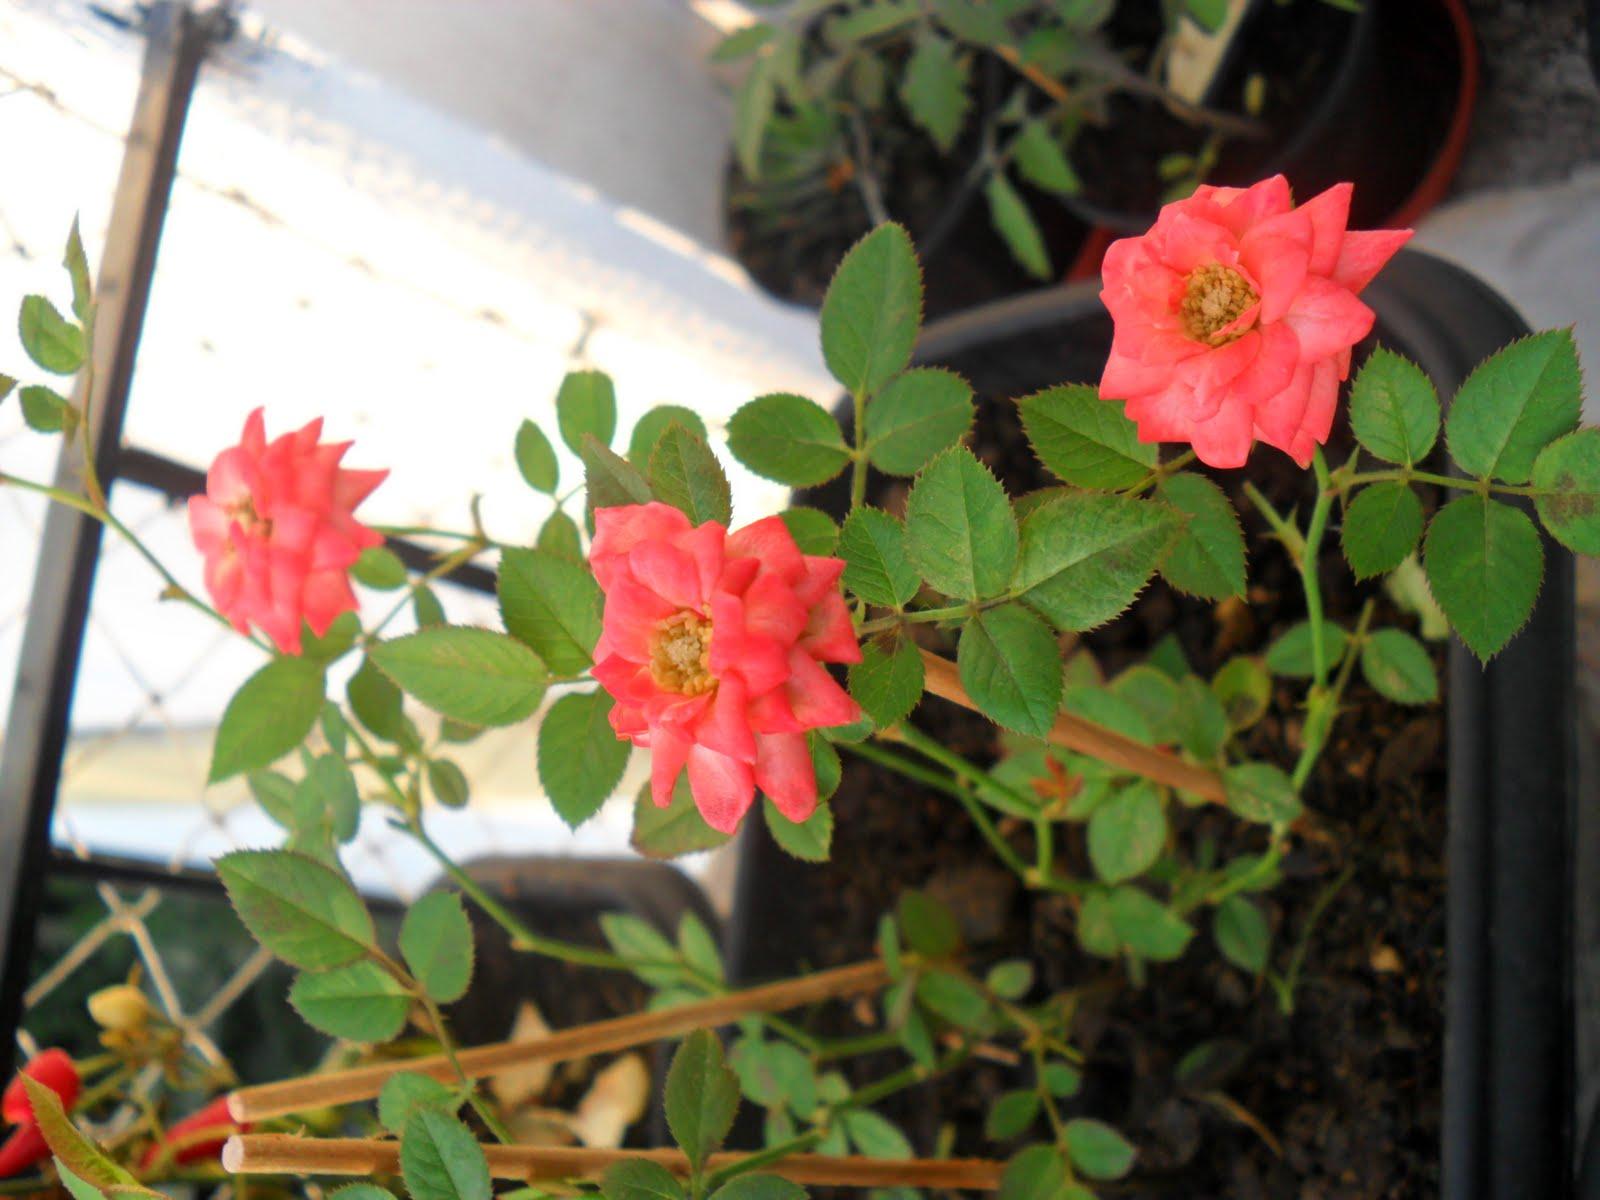 mini jardim apartamento:Meu pequeno jardim de apartamento.: Mini Rosas